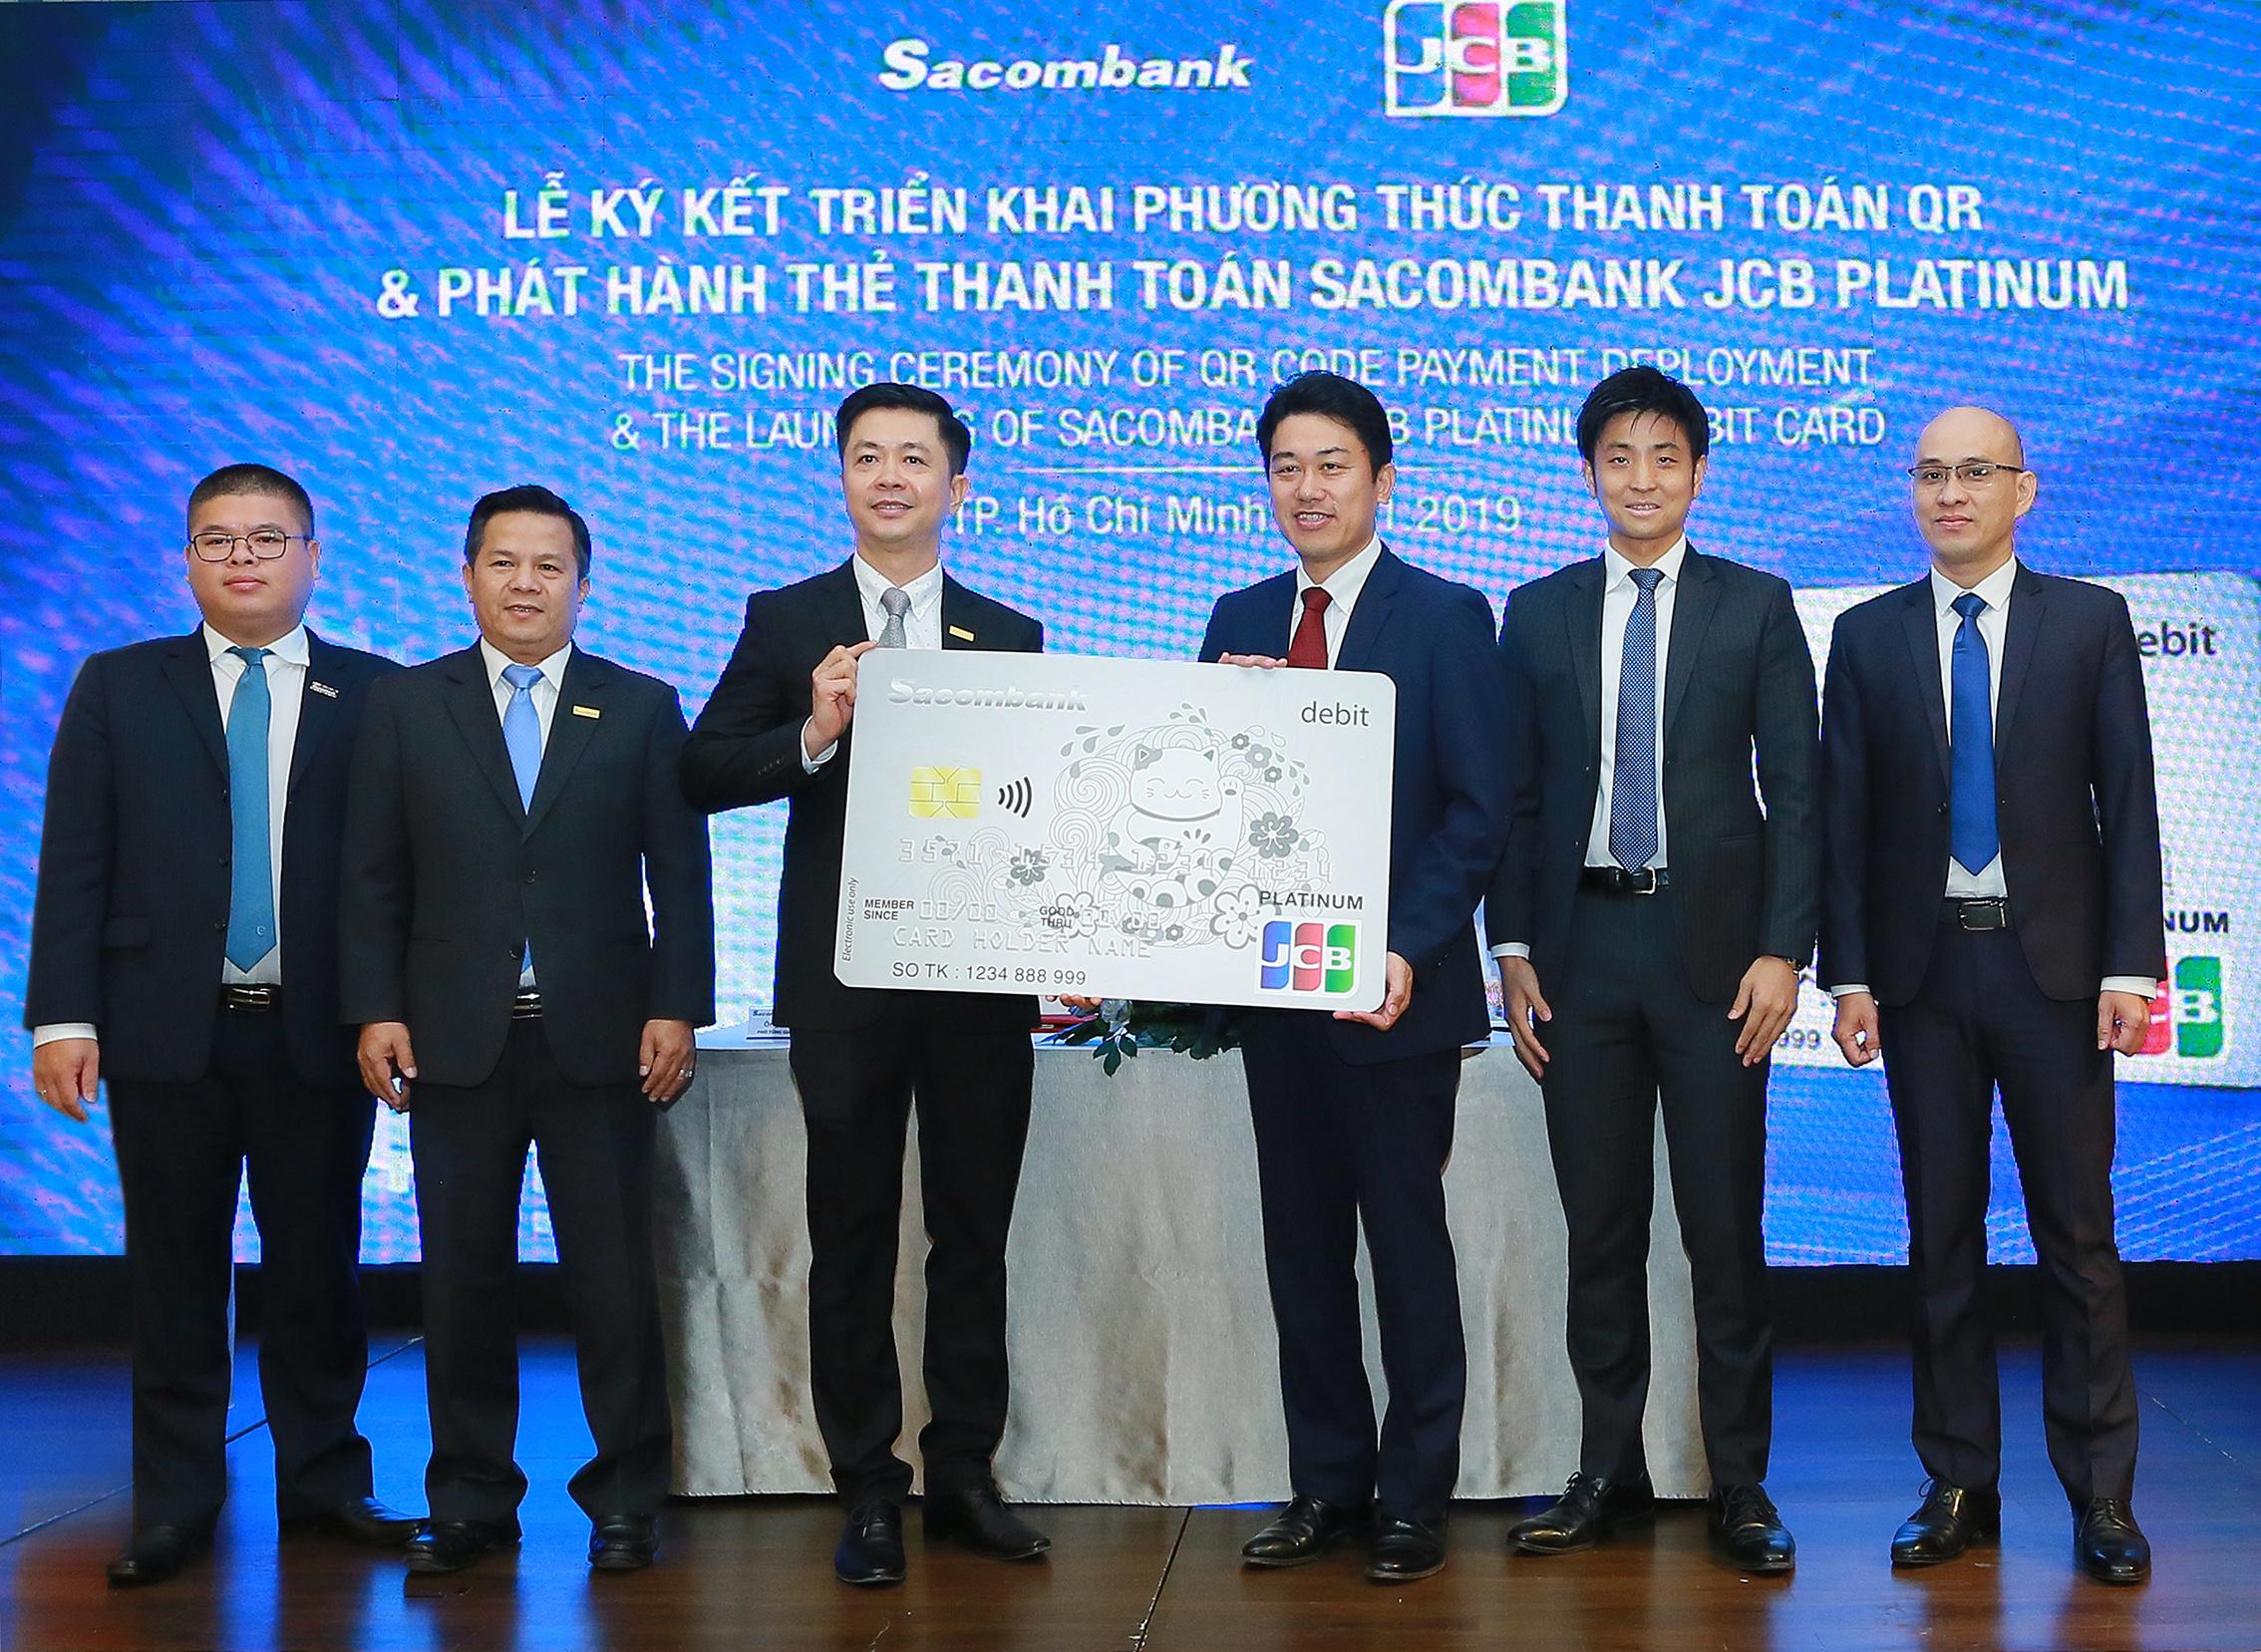 Sacombank hợp tác JCB (Nhật) triển khai thanh toán QR và phát hành thẻ